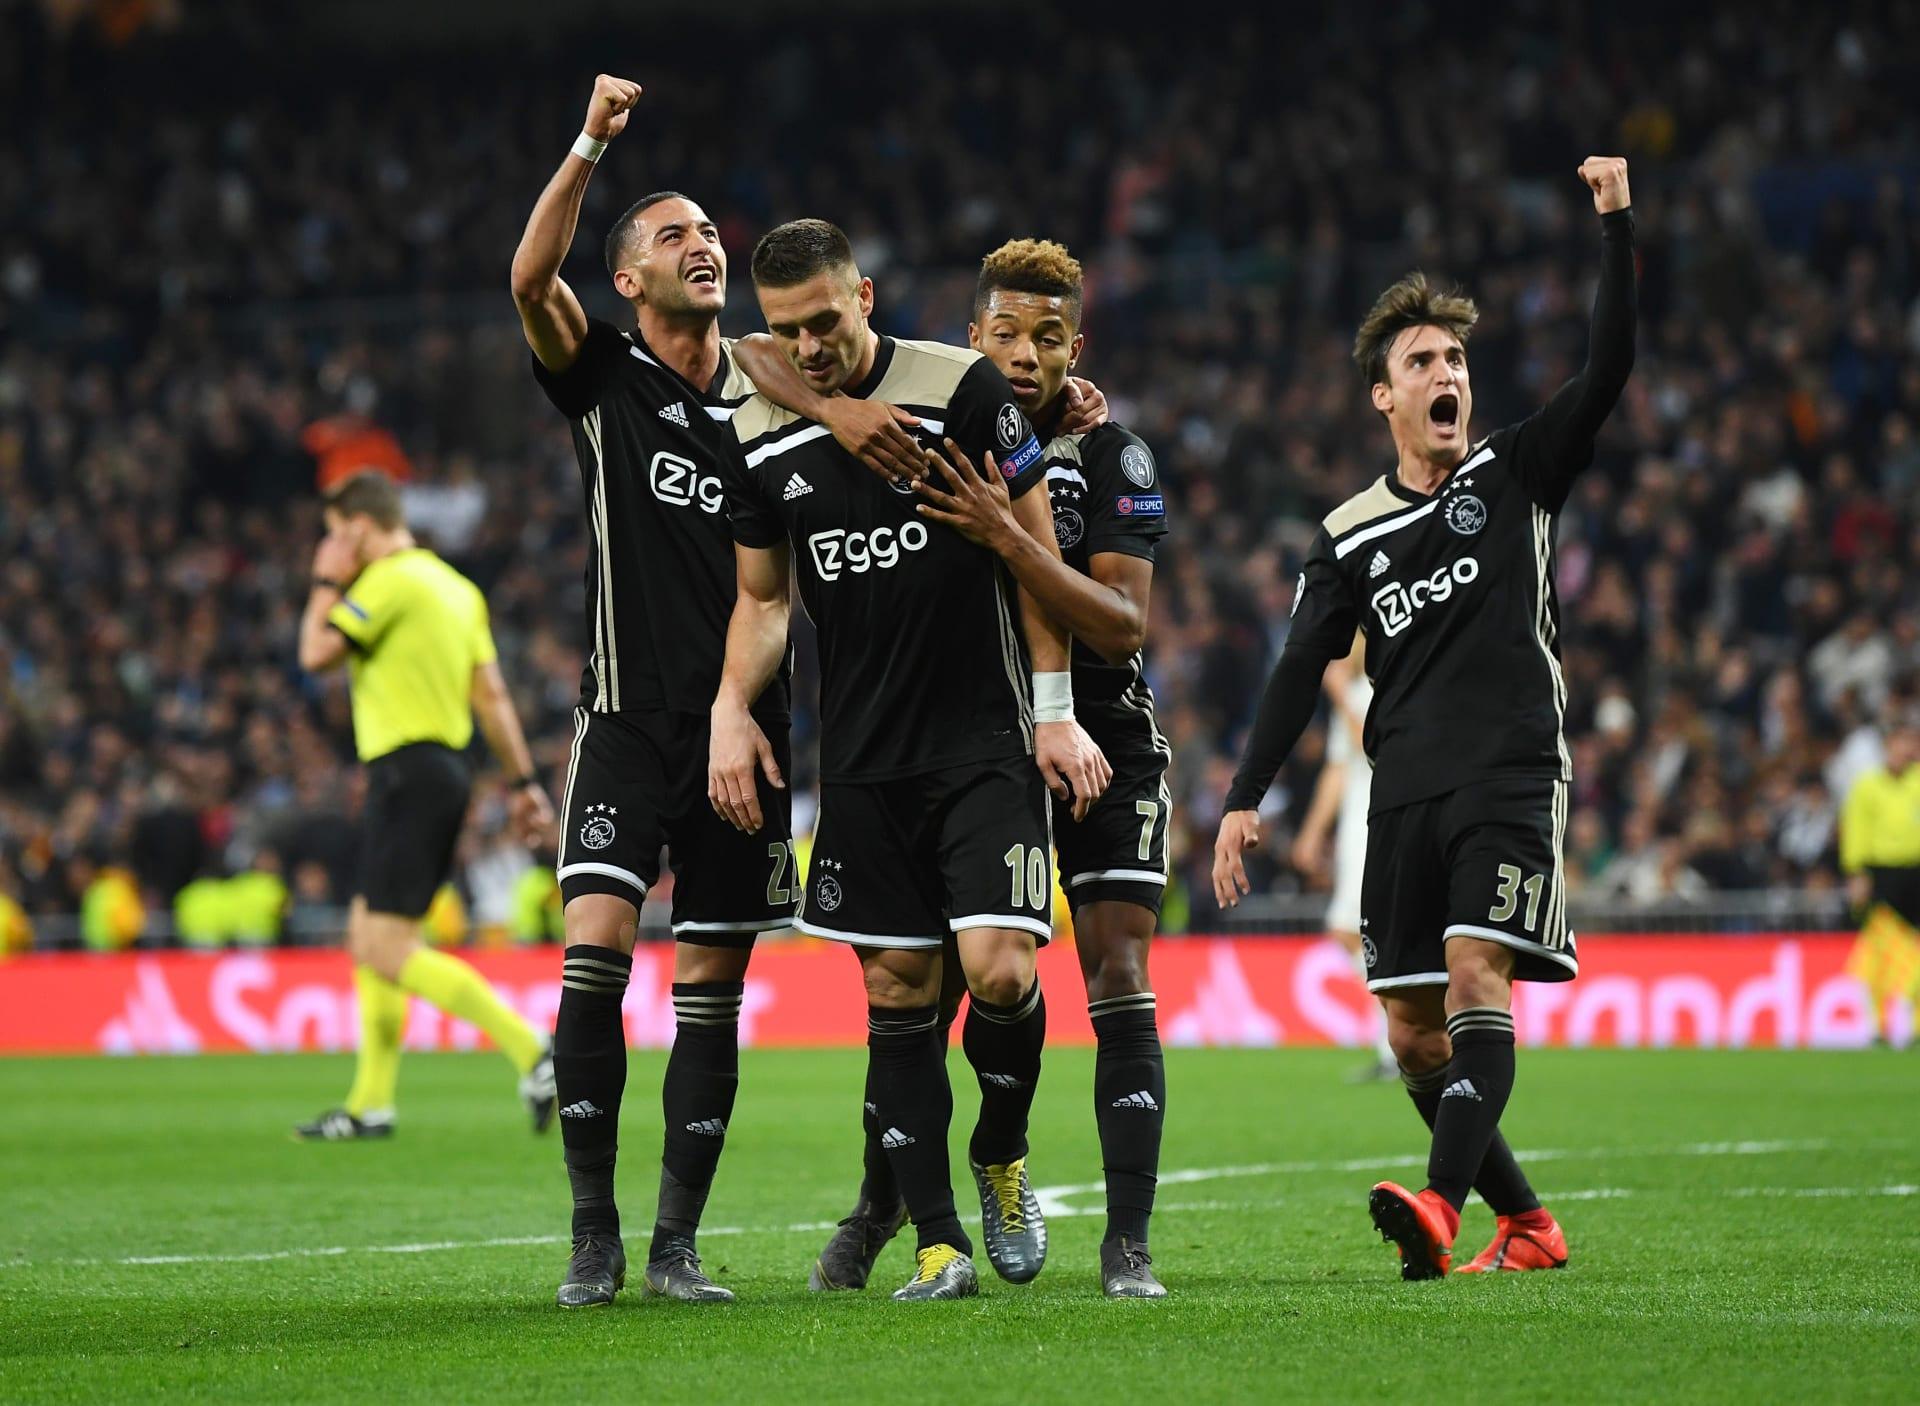 أياكس يستحضر التاريخ ويقصي ريال مدريد من دوري أبطال أوروبا